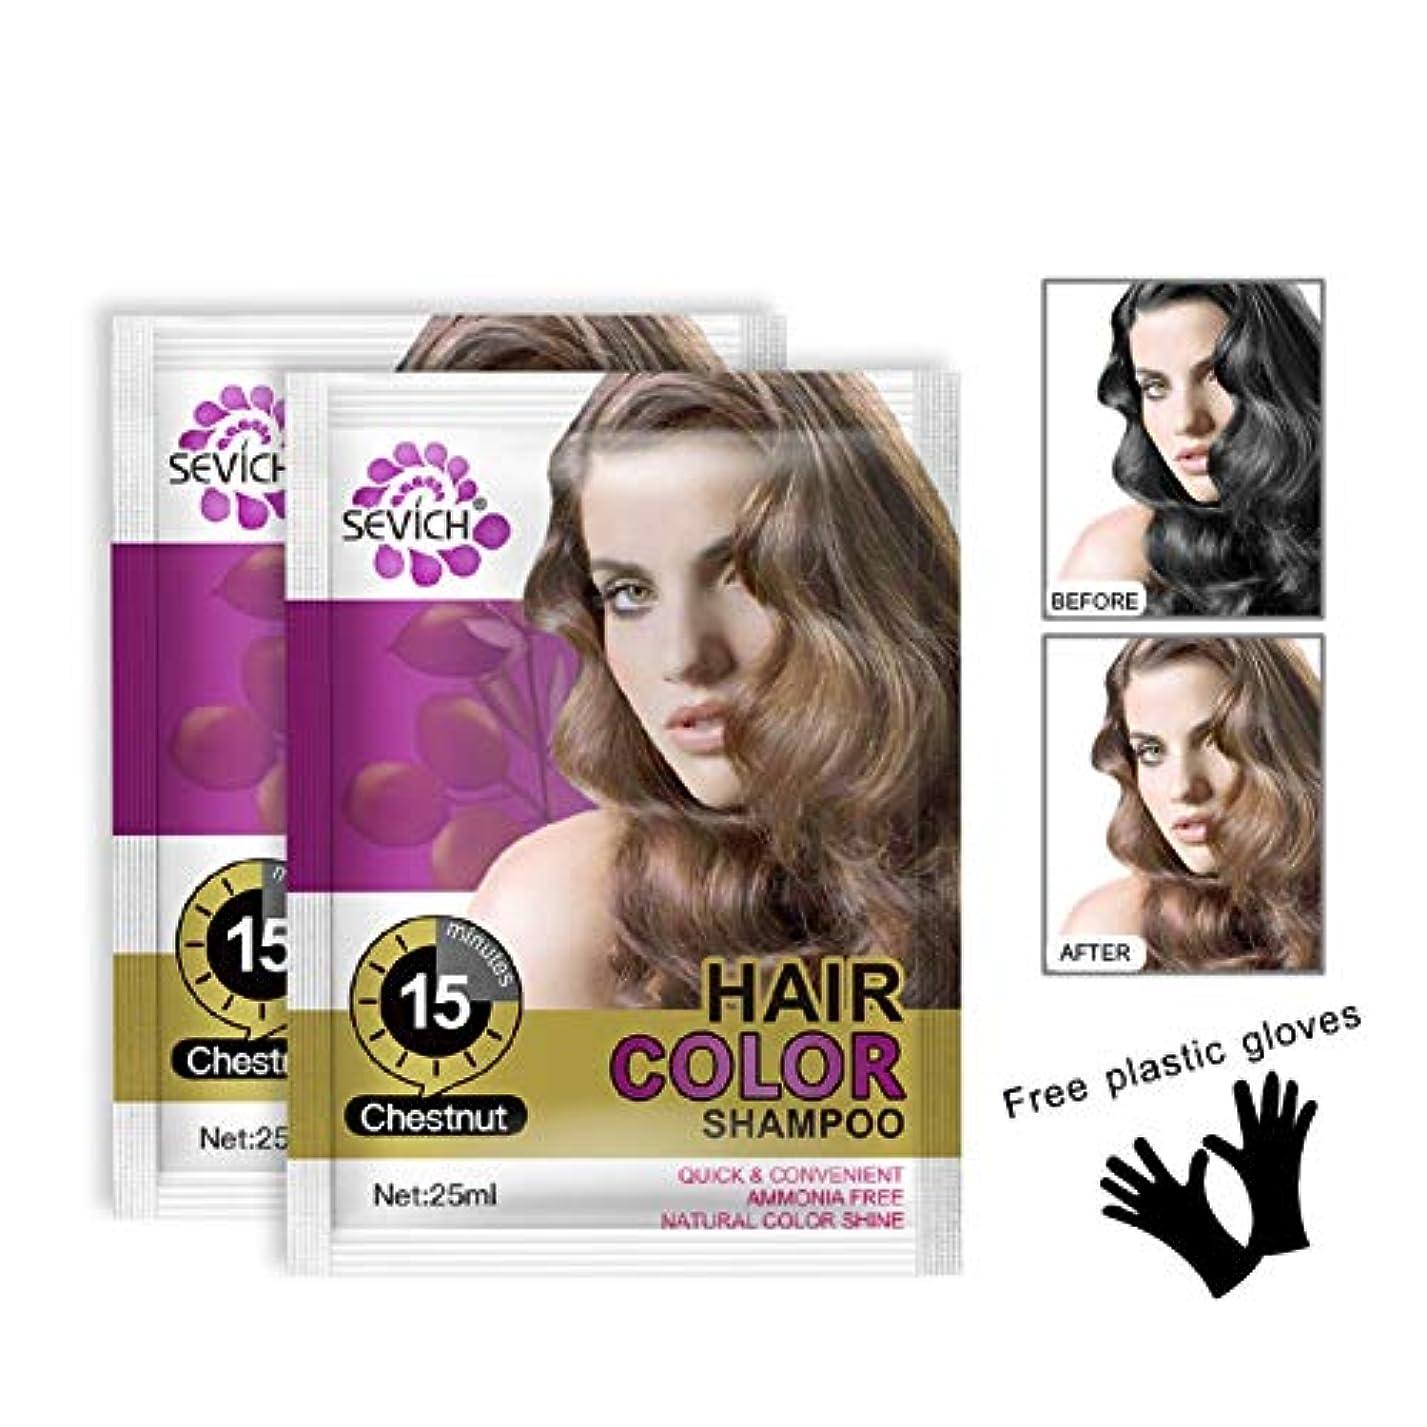 に同意する鷹立方体ヘアカラー ヘア染め ヘアカラースタイリング 髪の色のシャンプ ヘアシャンプー 純粋な植物 自然 刺激ない ヘアケア 10枚セット Cutelove